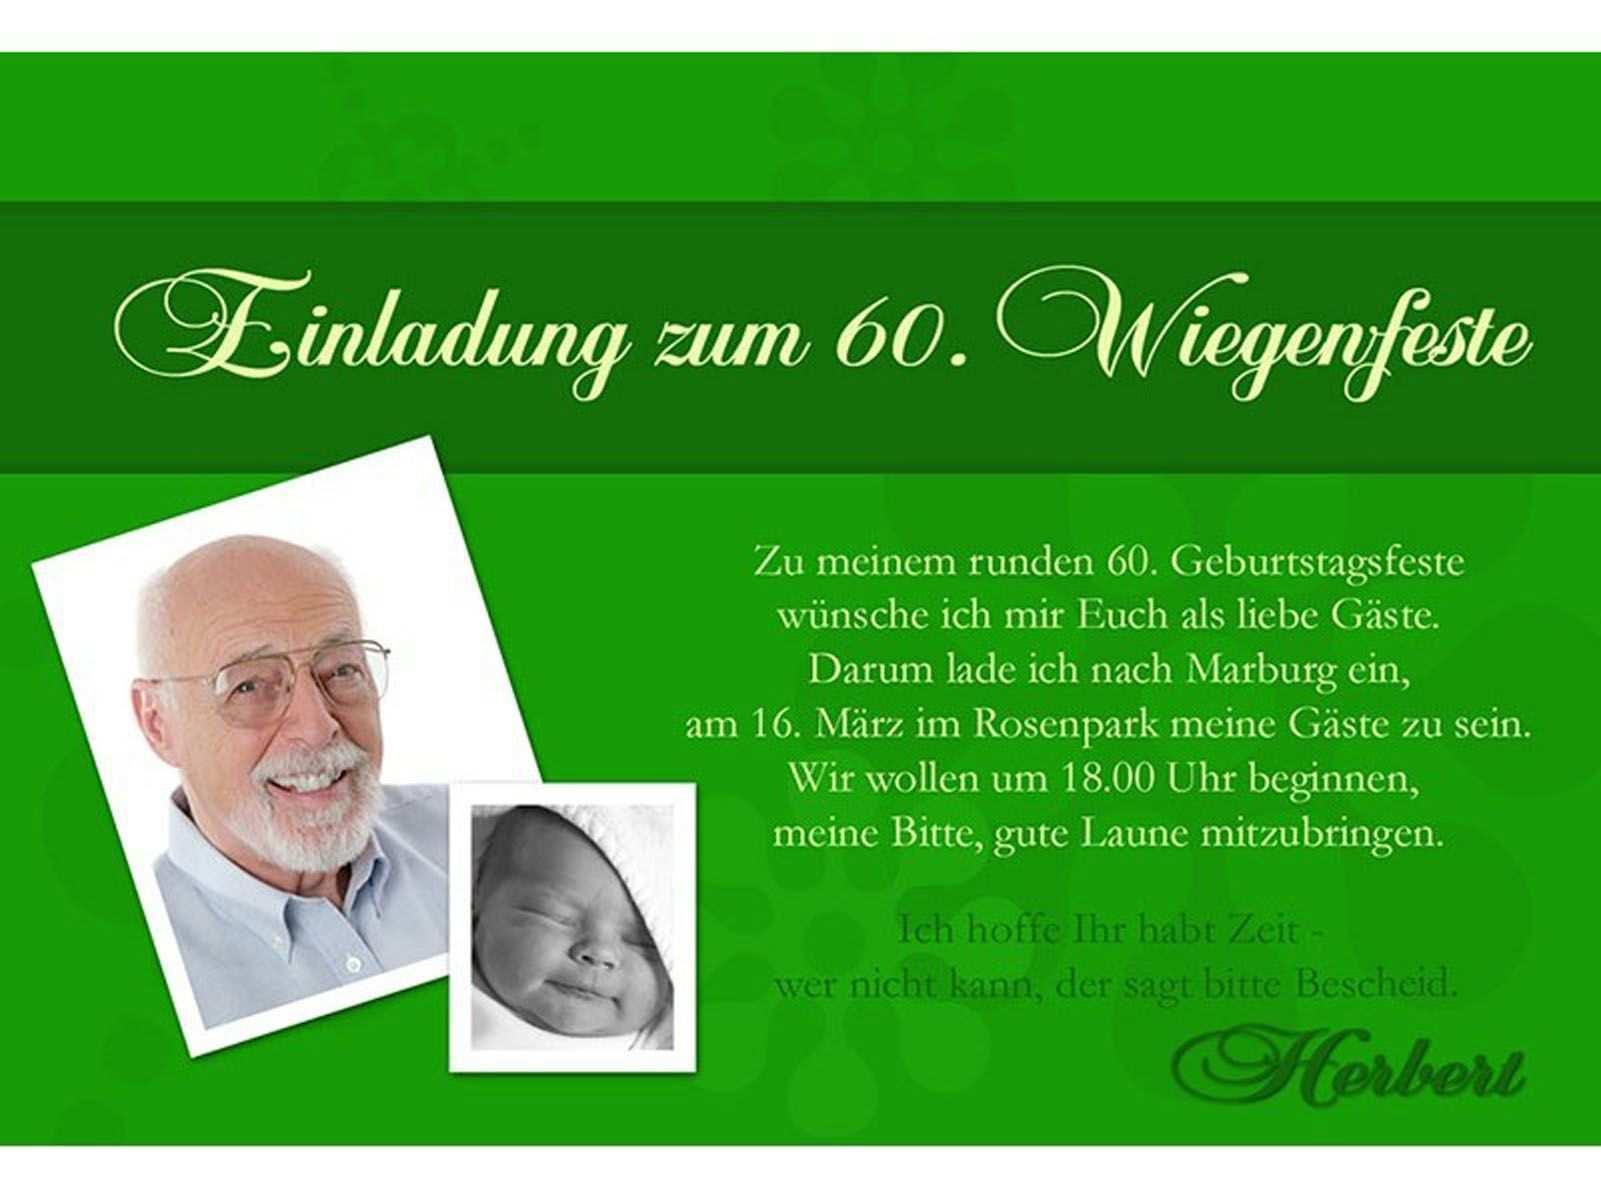 Geburtstag Einladungskarte Einladungskarten 60 Geburtstag Vorlagen Kostenlos Einladung 60 Geburtstag Einladung Geburtstag Text Einladungskarten Geburtstag